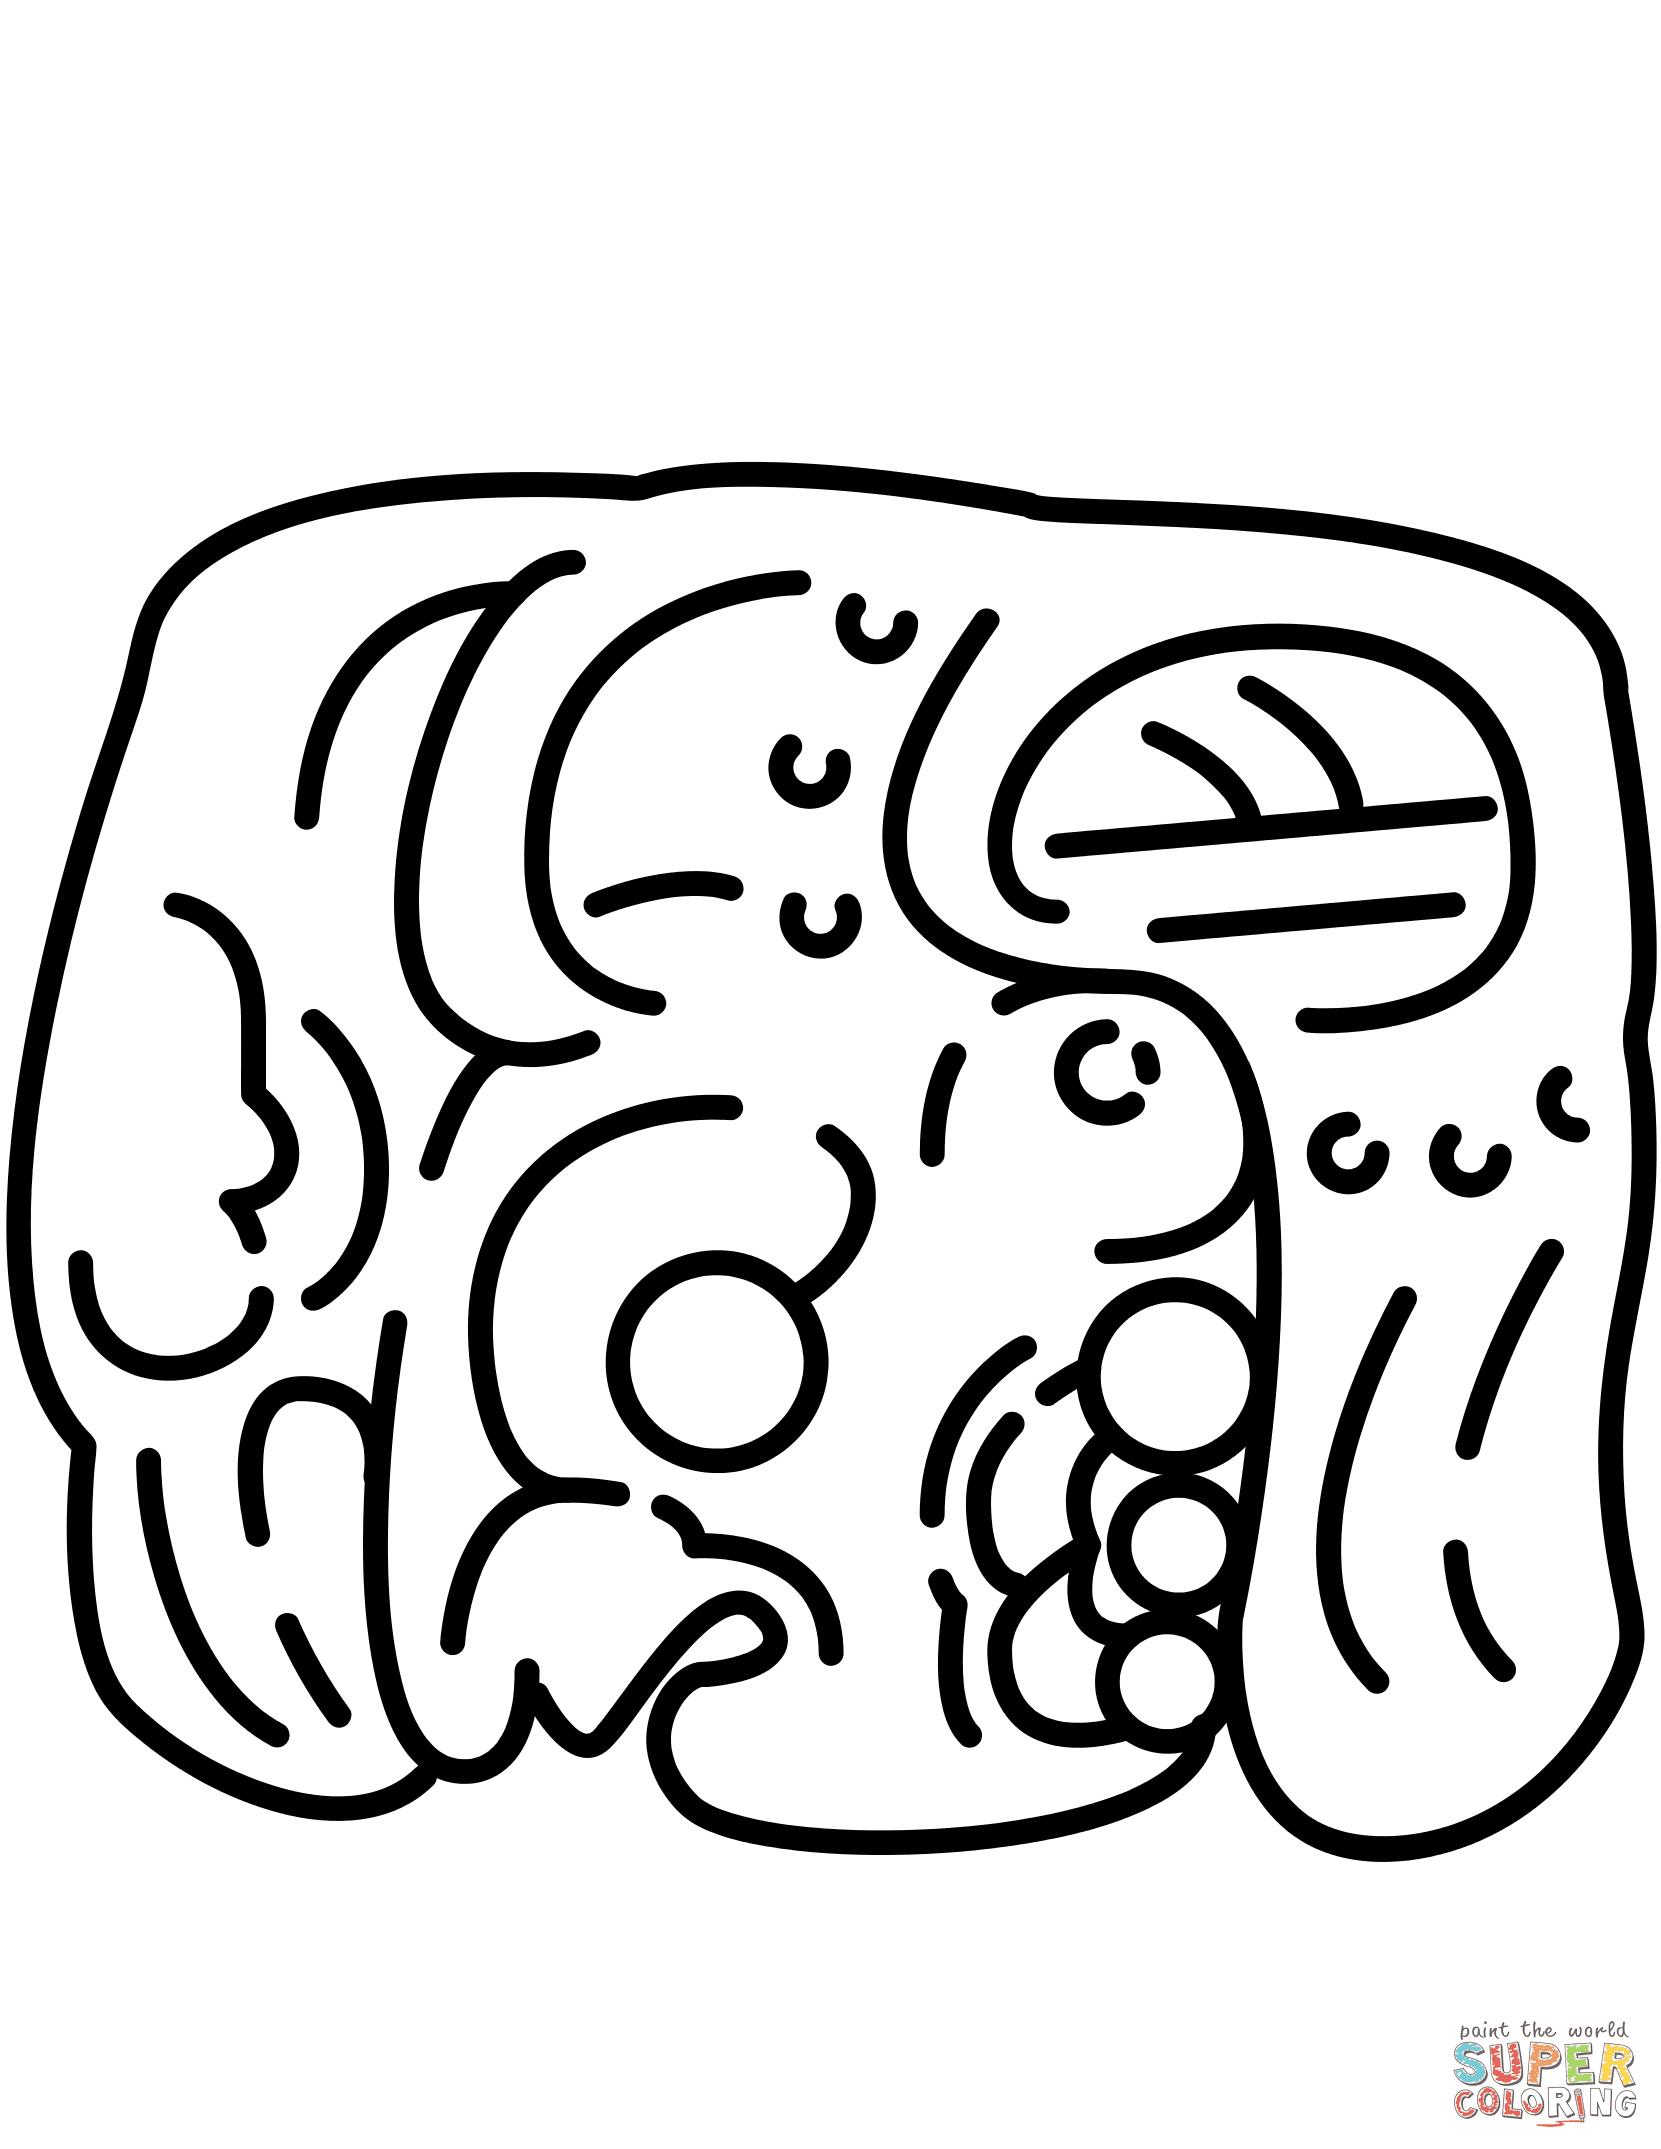 Dibujo De Glifo Maya Para Colorear Dibujos Para Colorear Imprimir